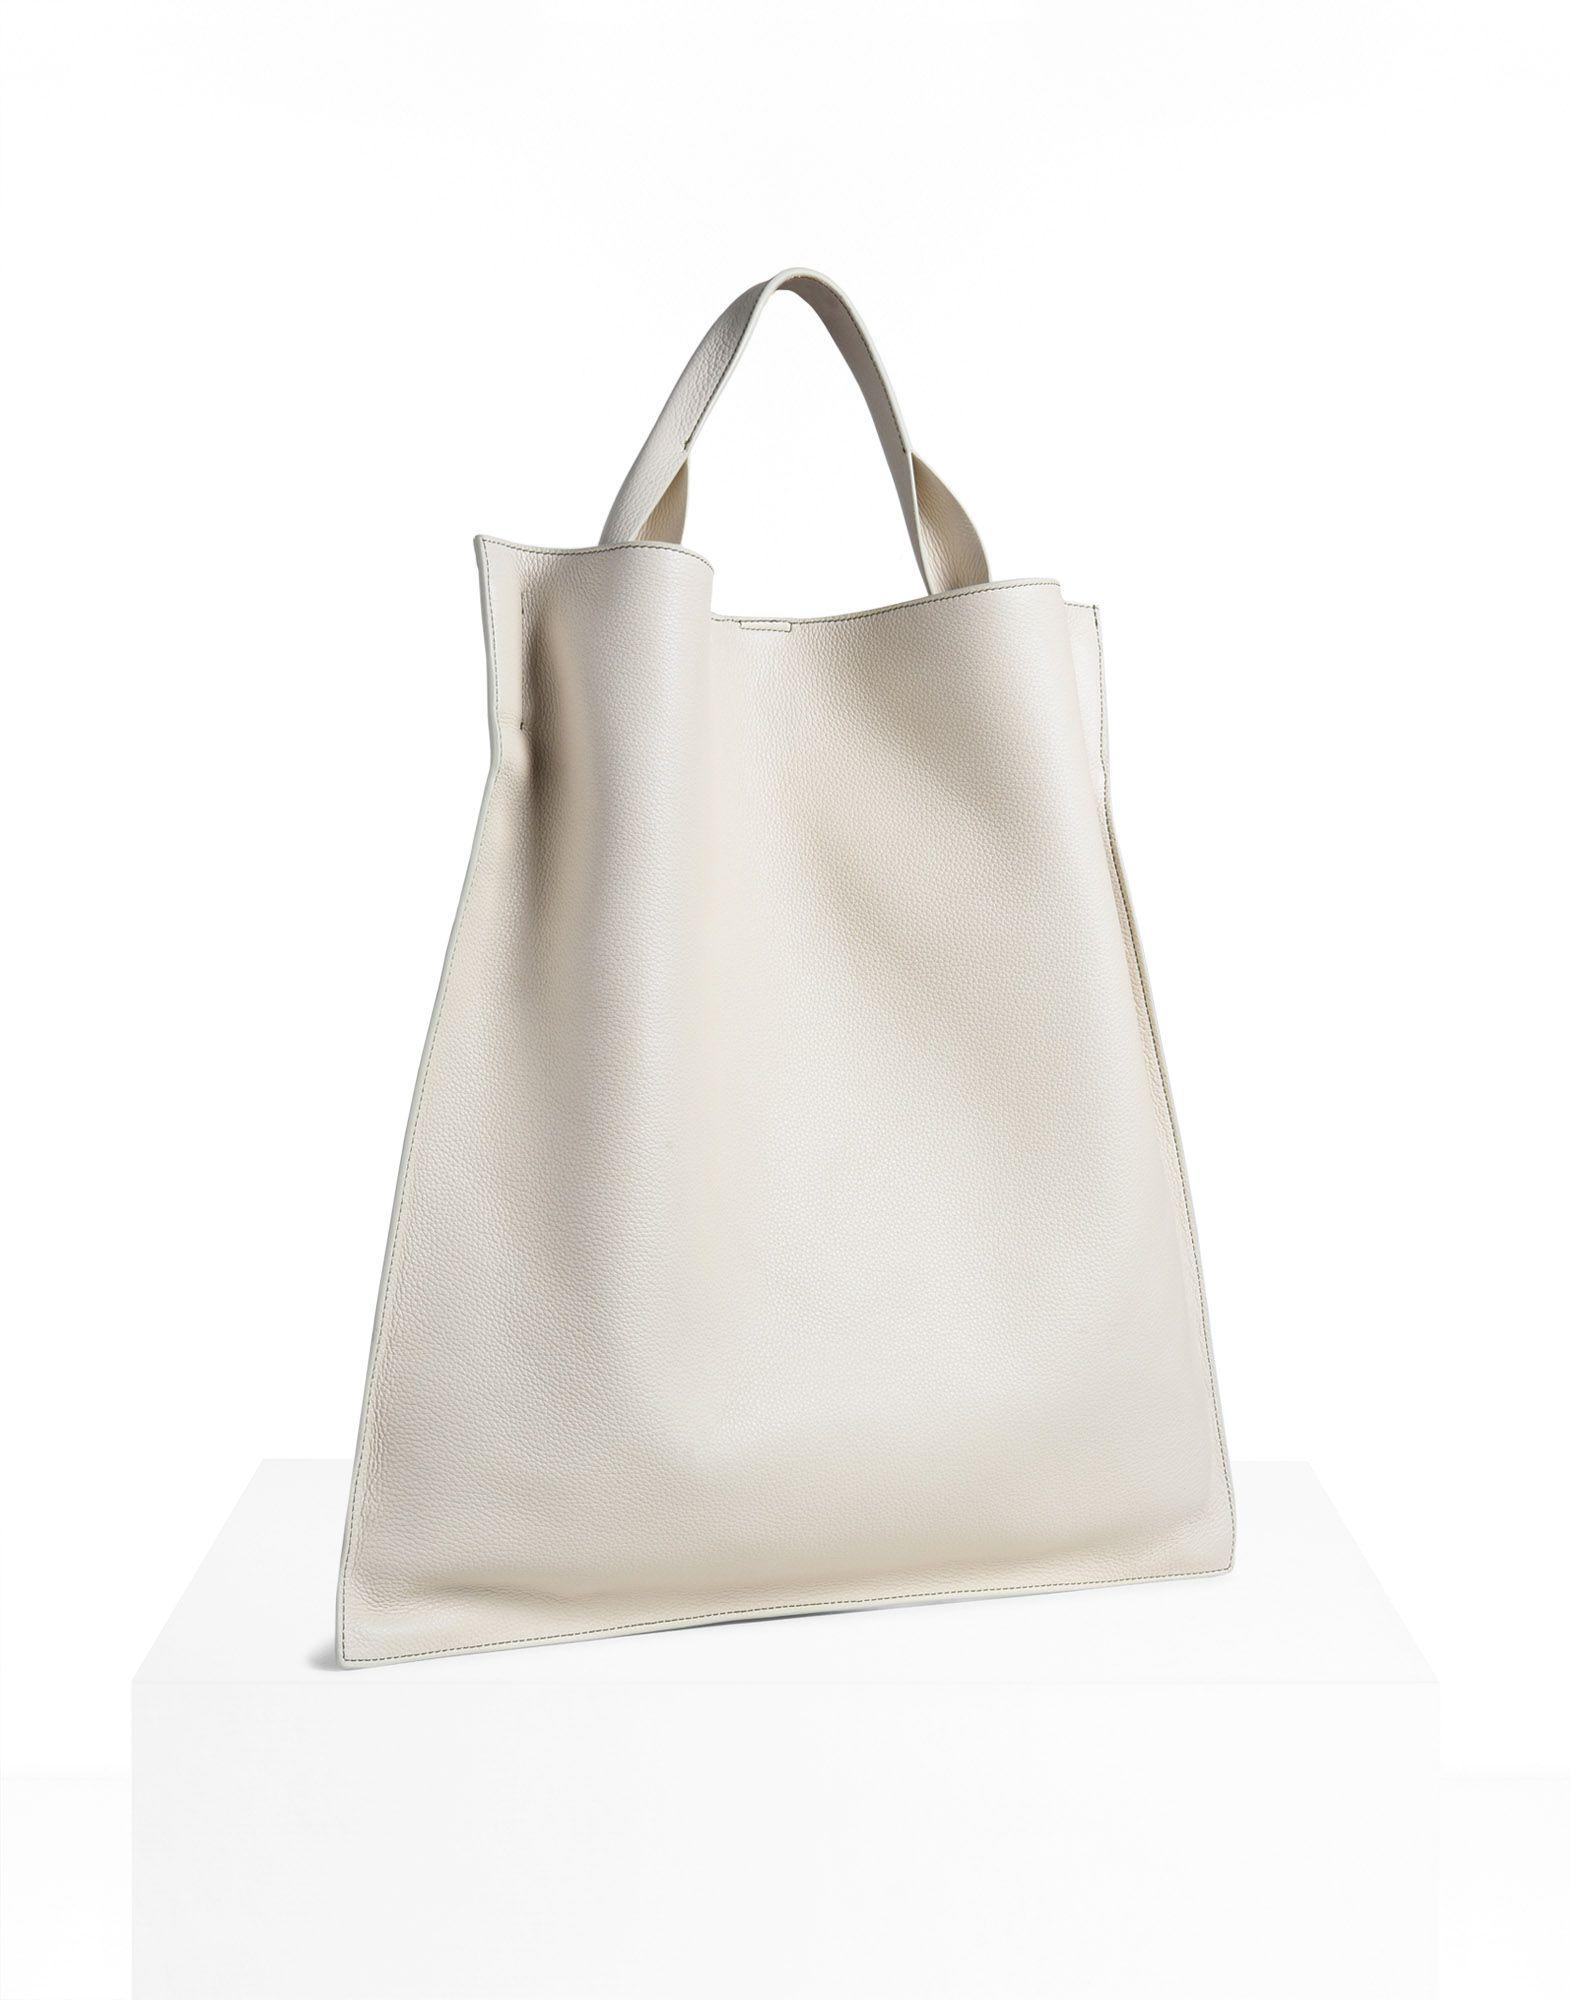 Handbag - JIL SANDER Online Store